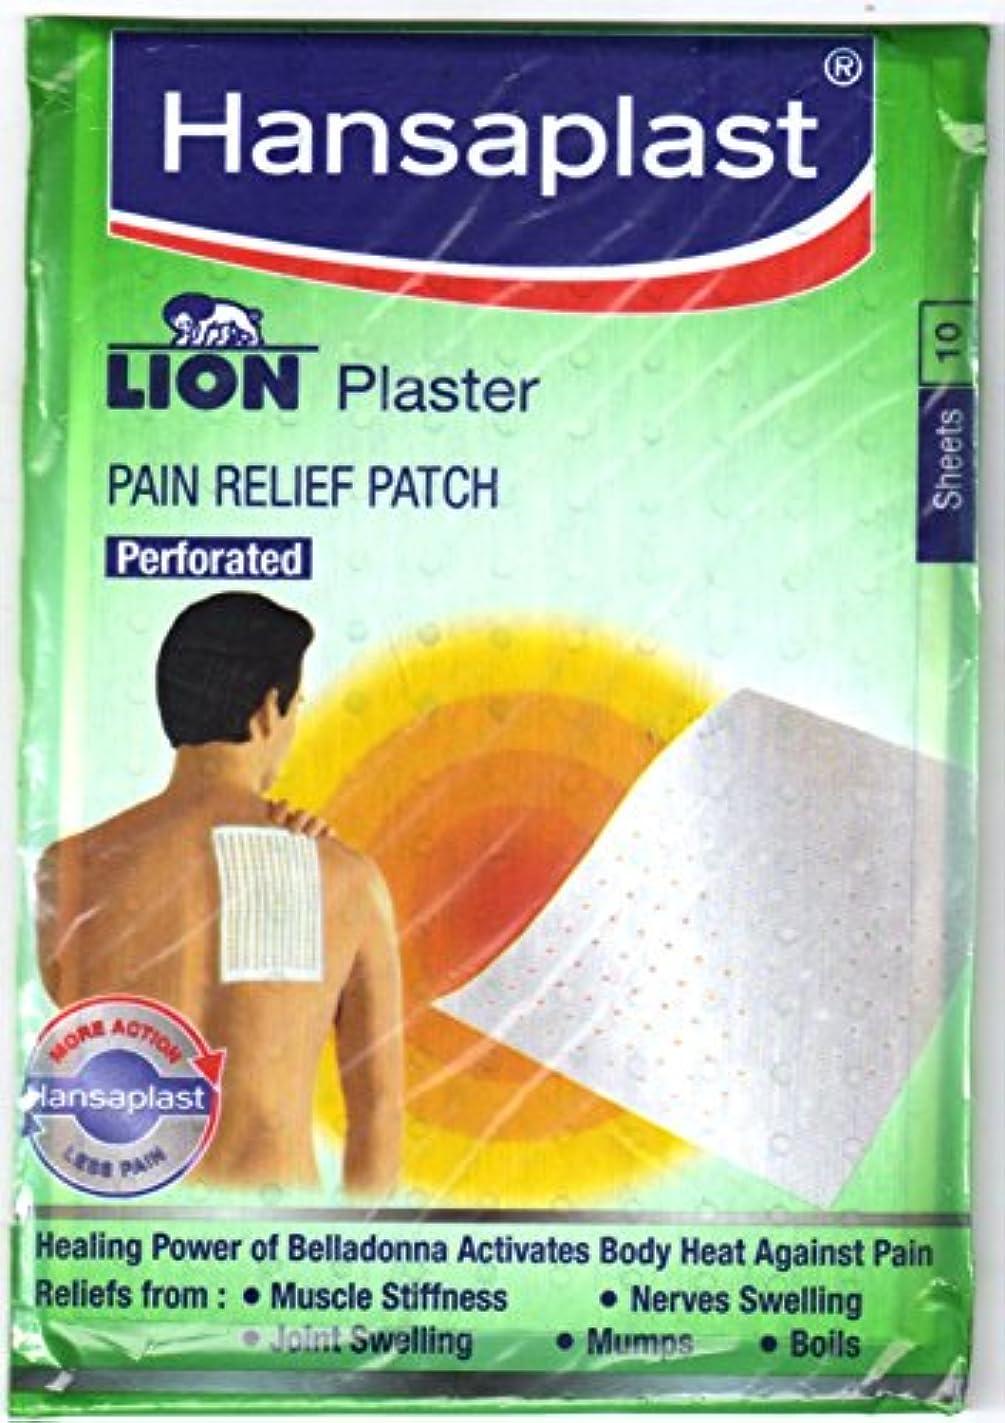 潜在的なうめきチロHansaplast Lion plaster (Belladonna) 10 pack of 100 Sheets Pain Relief Patch